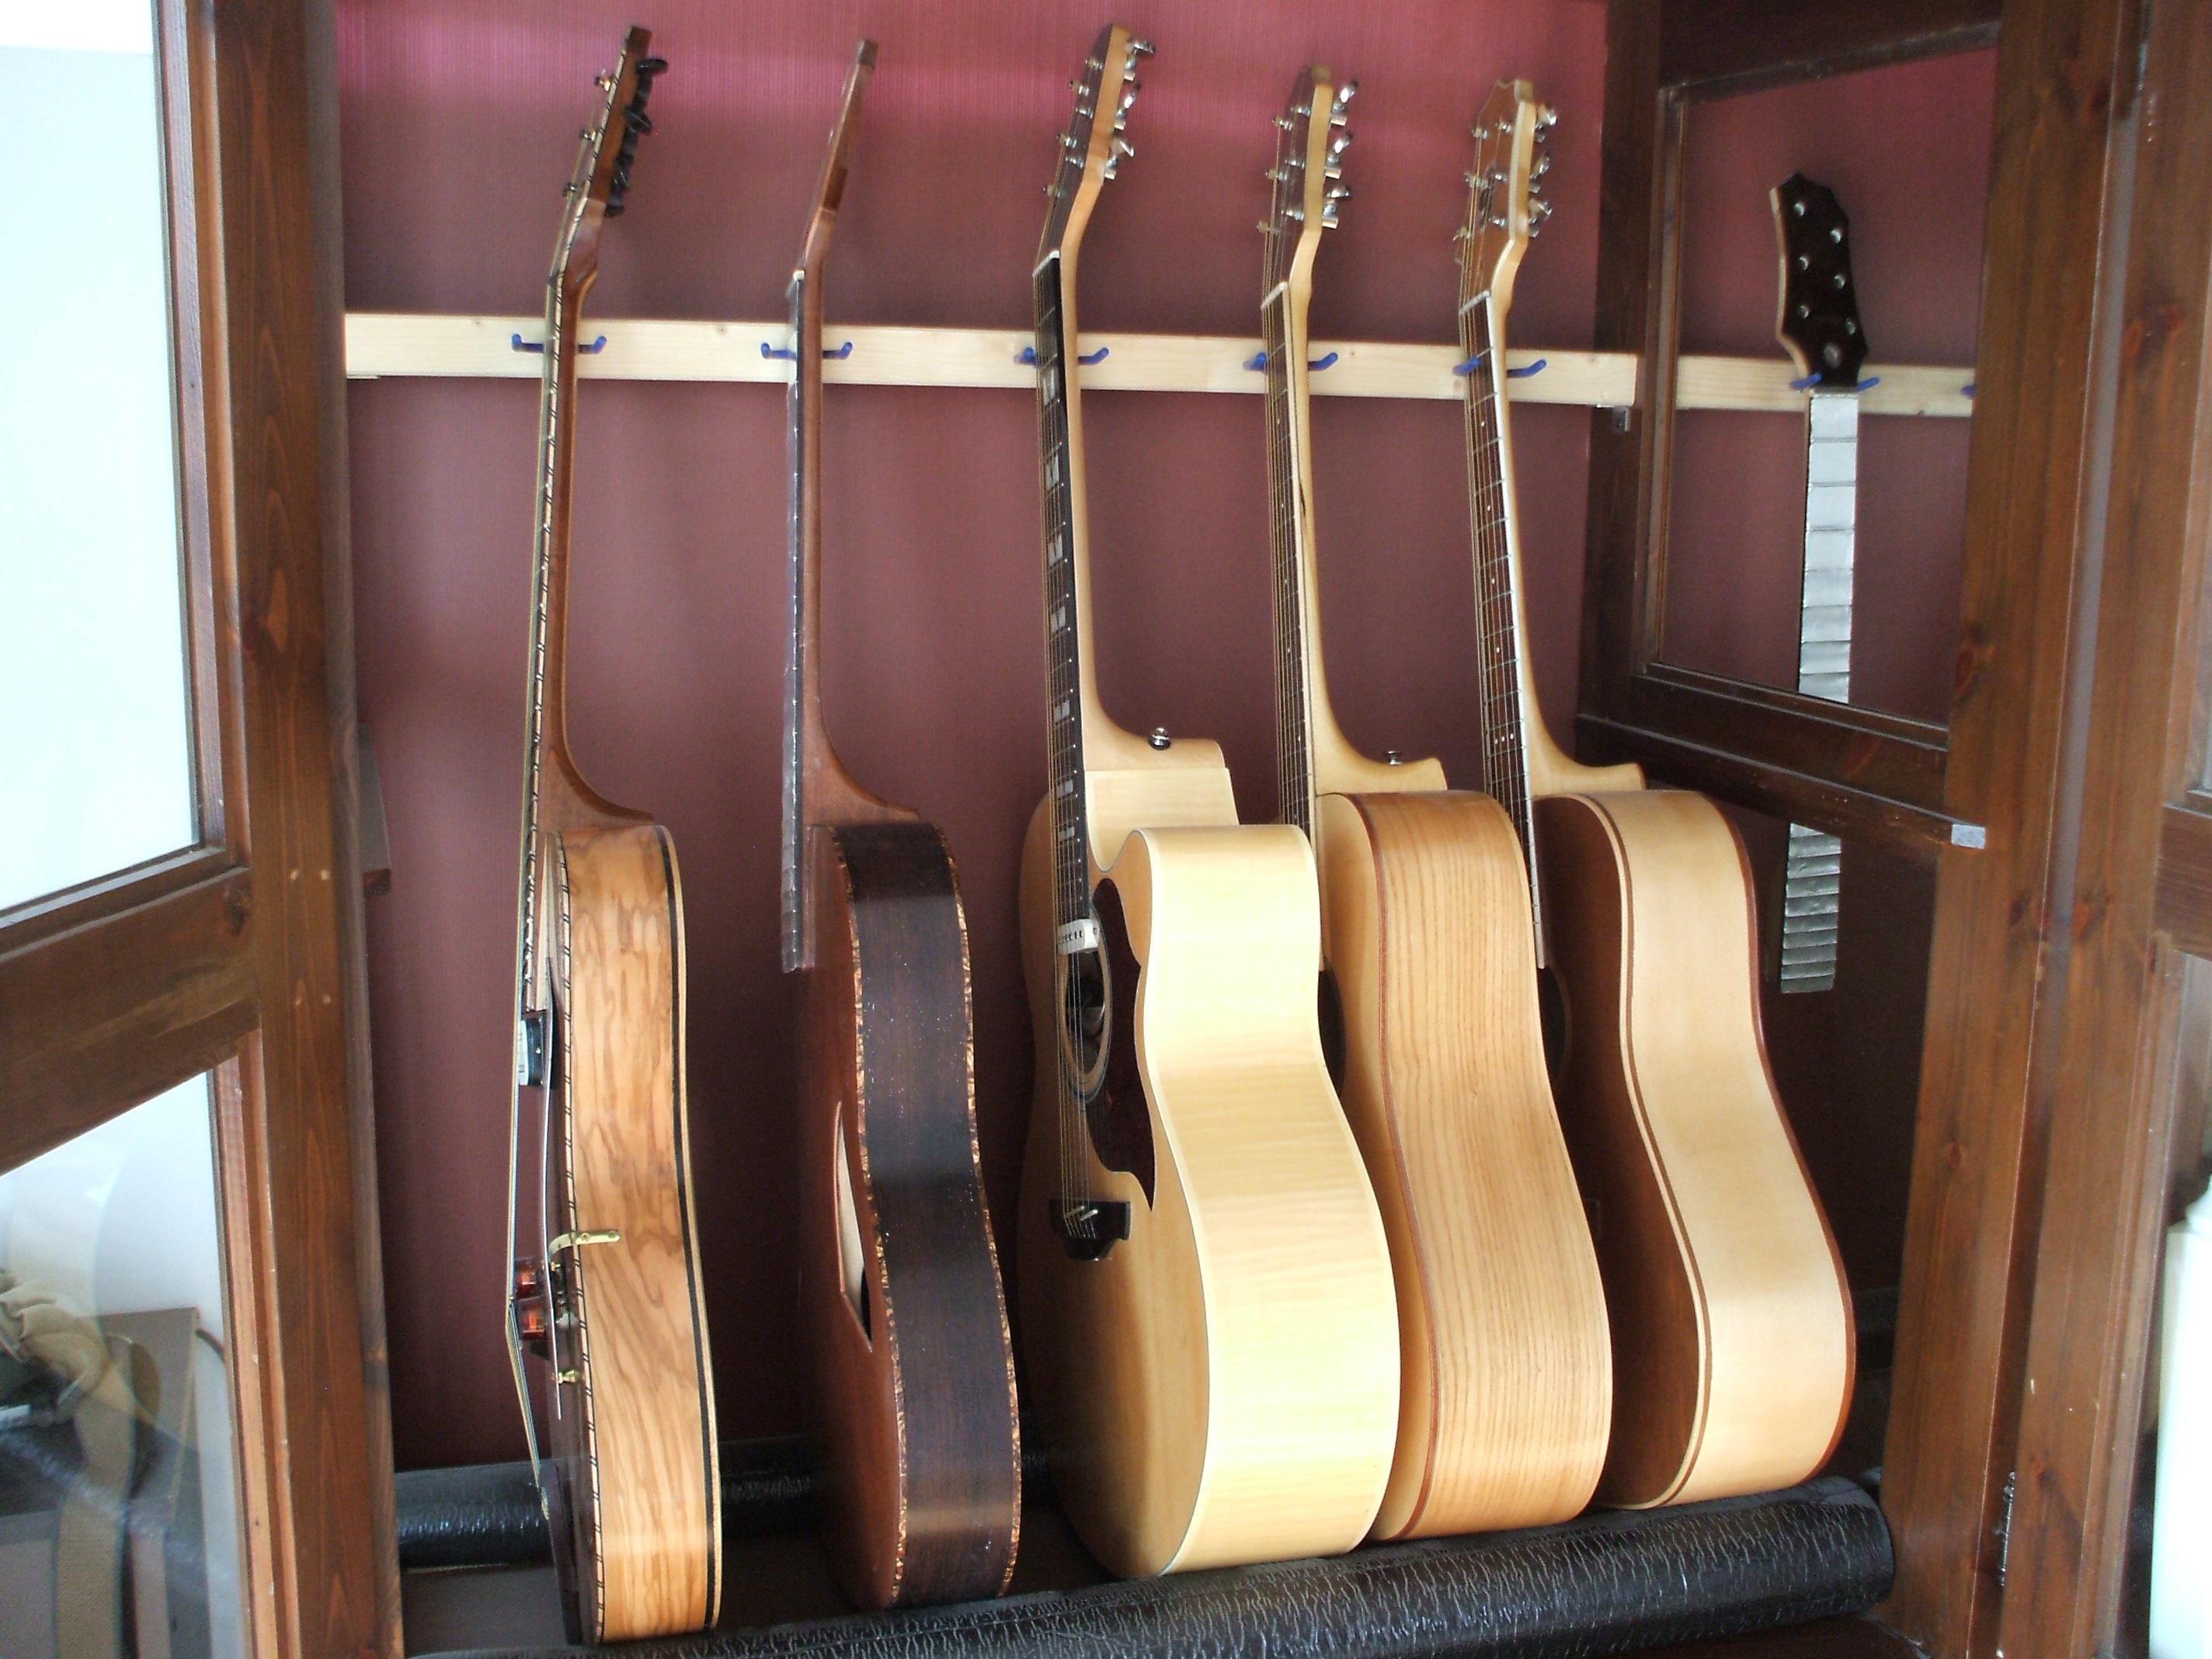 Le chitarre di campionatura